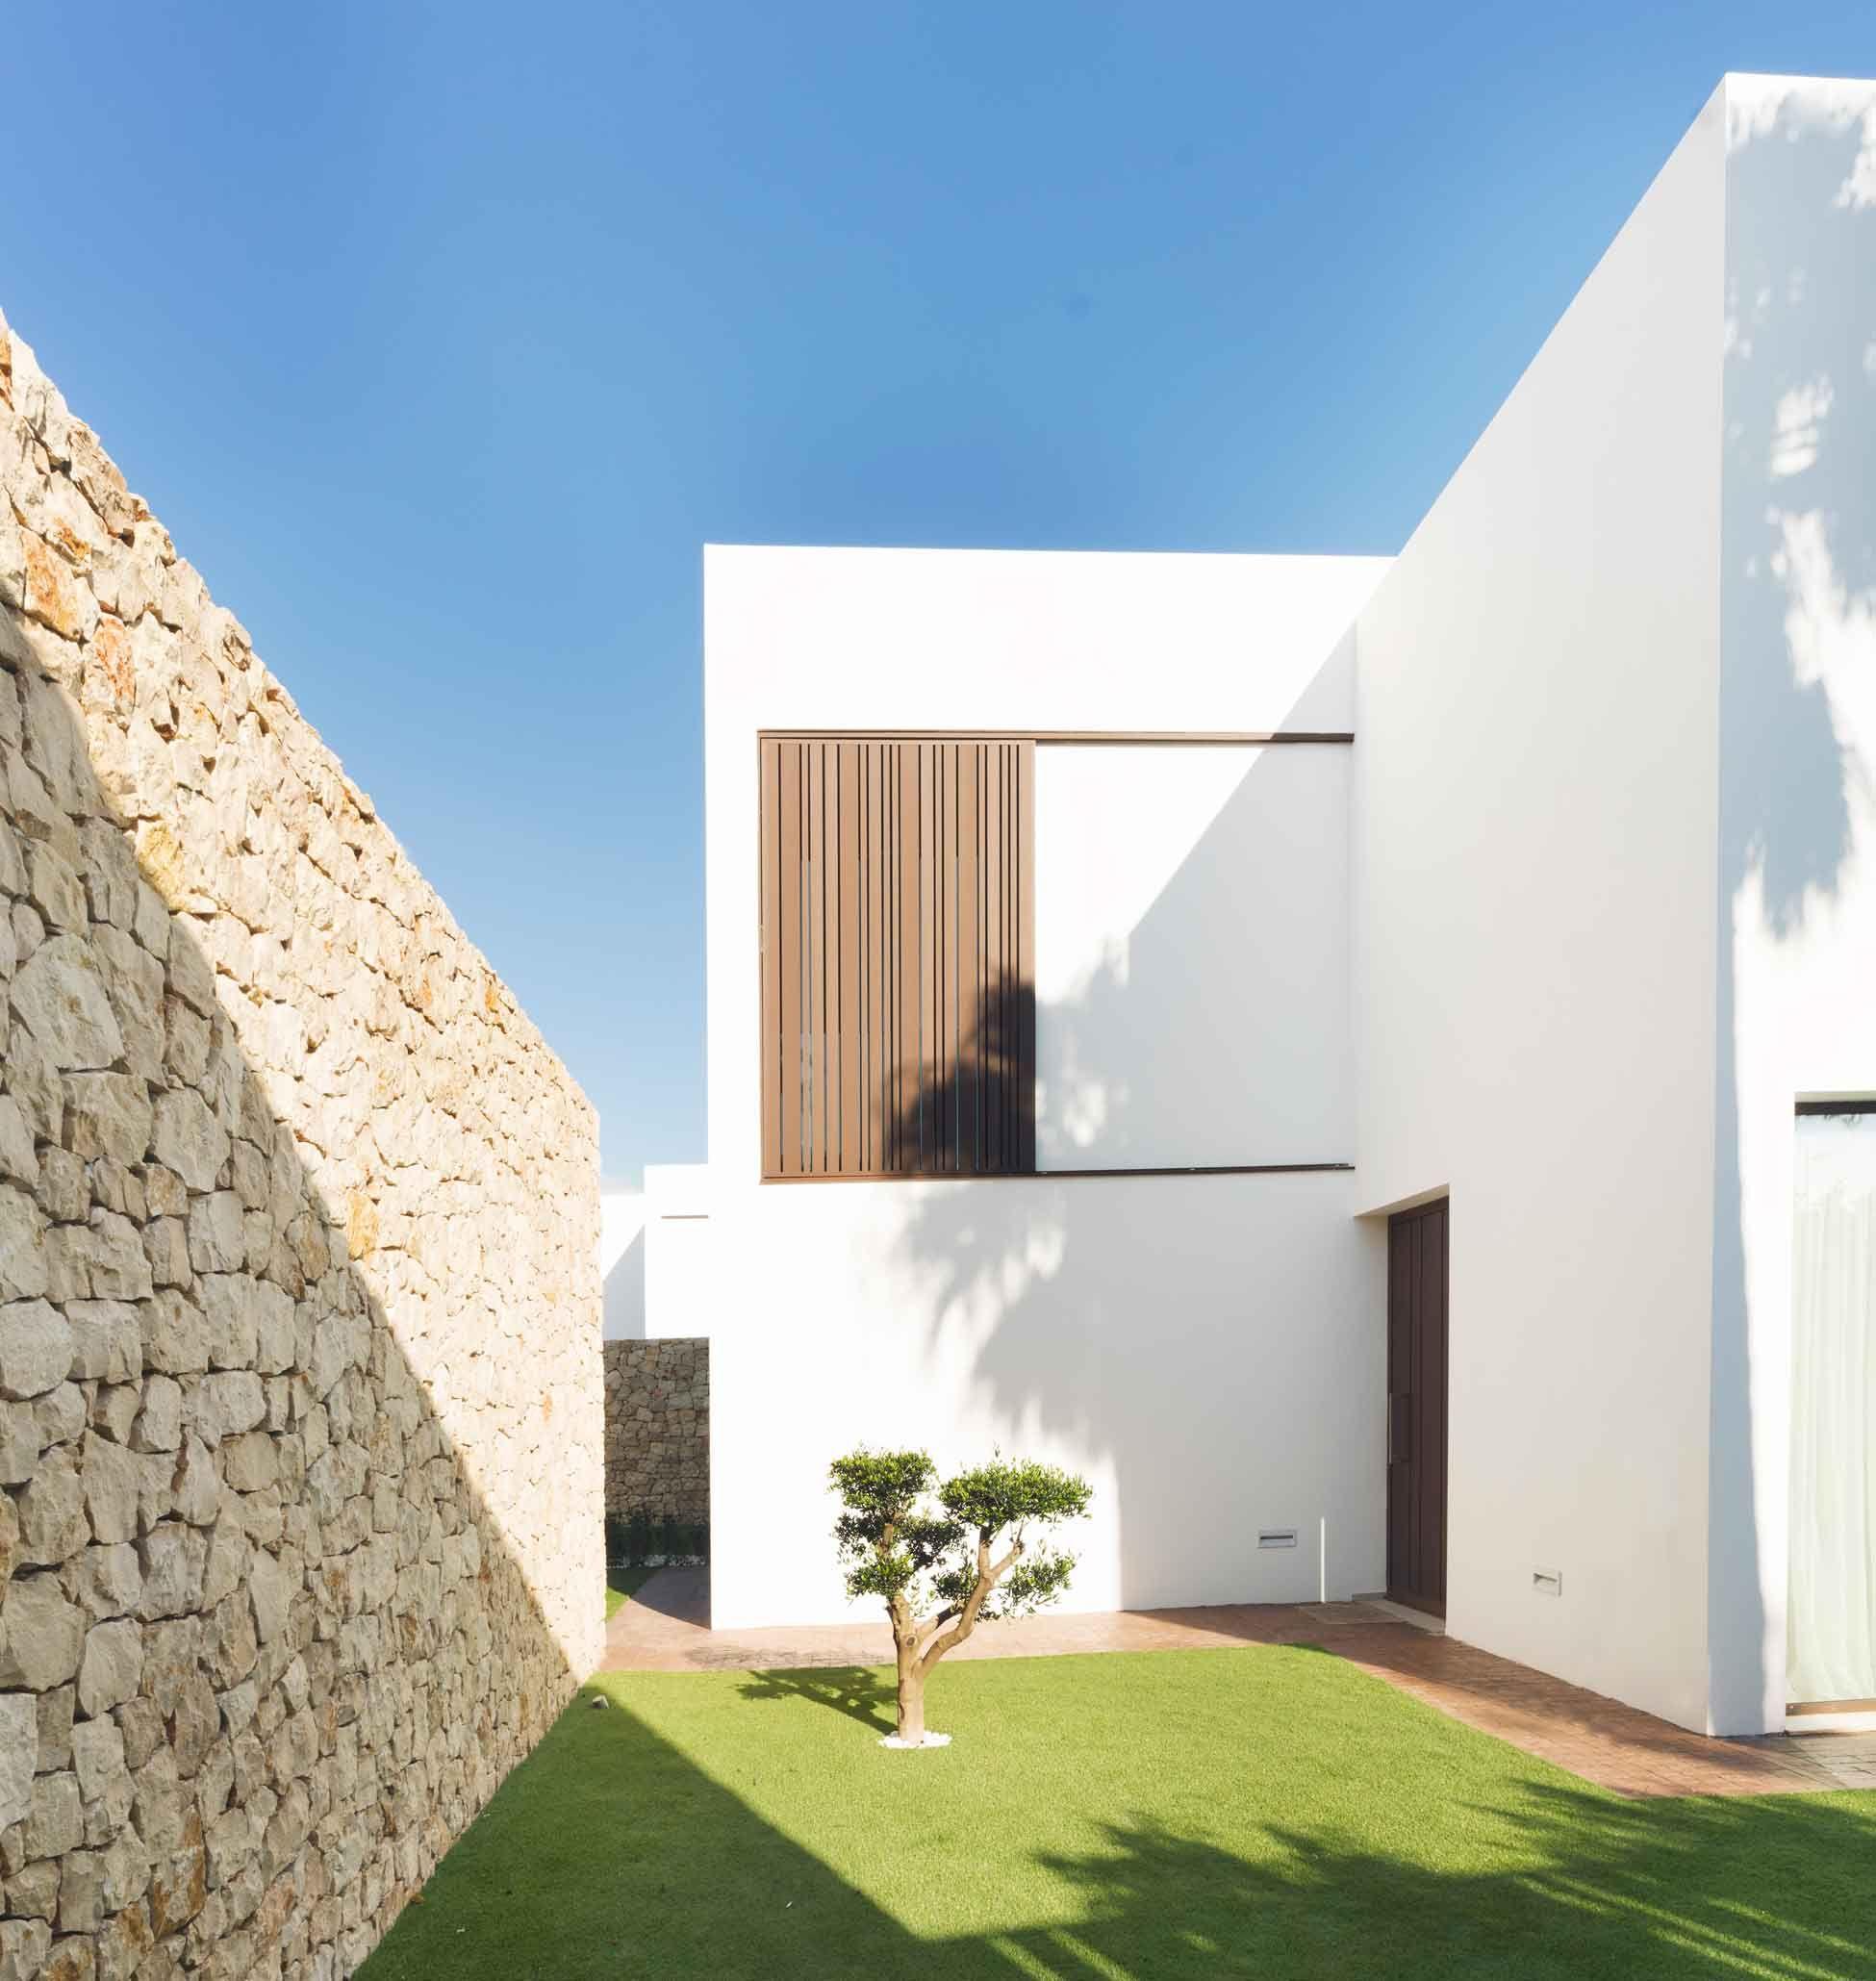 Vivienda minimalista de estilo mediterr neo great houses for Viviendas estilo minimalista